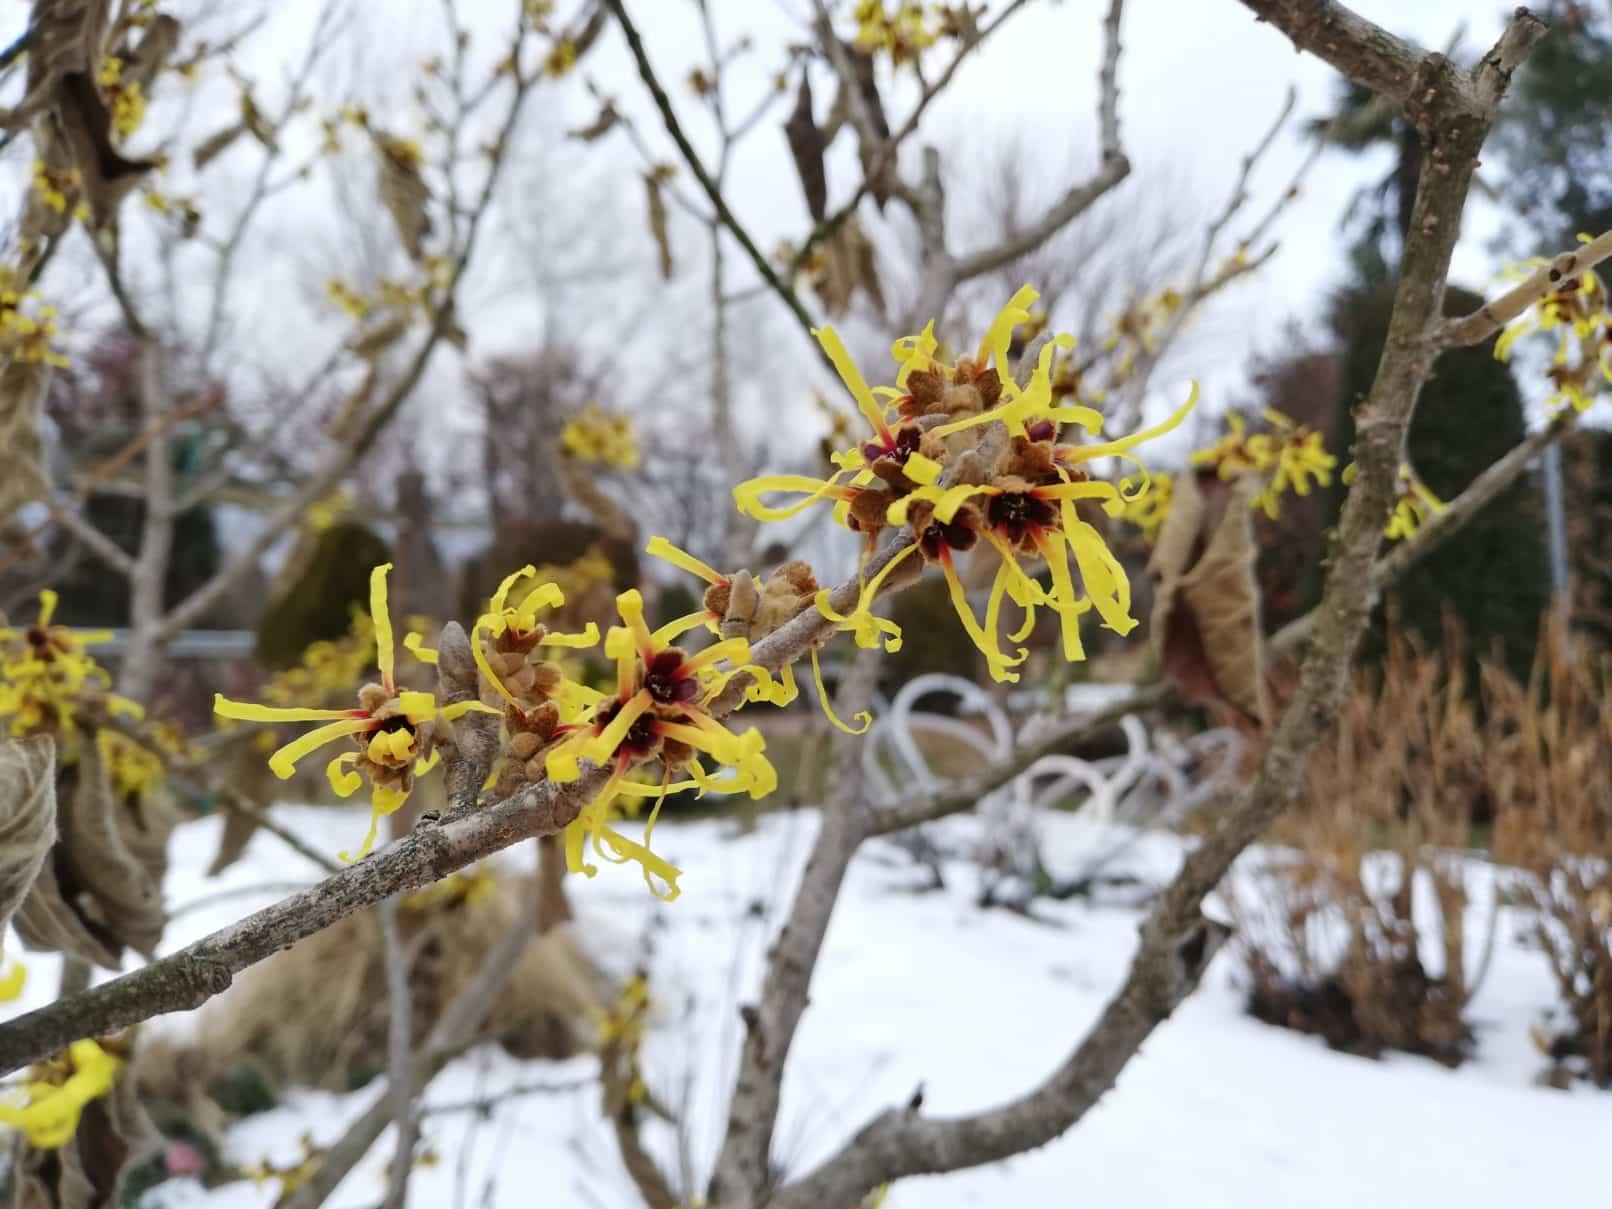 Calicanto Fiore D Inverno giardino d'inverno? - miretti vivai & giardini